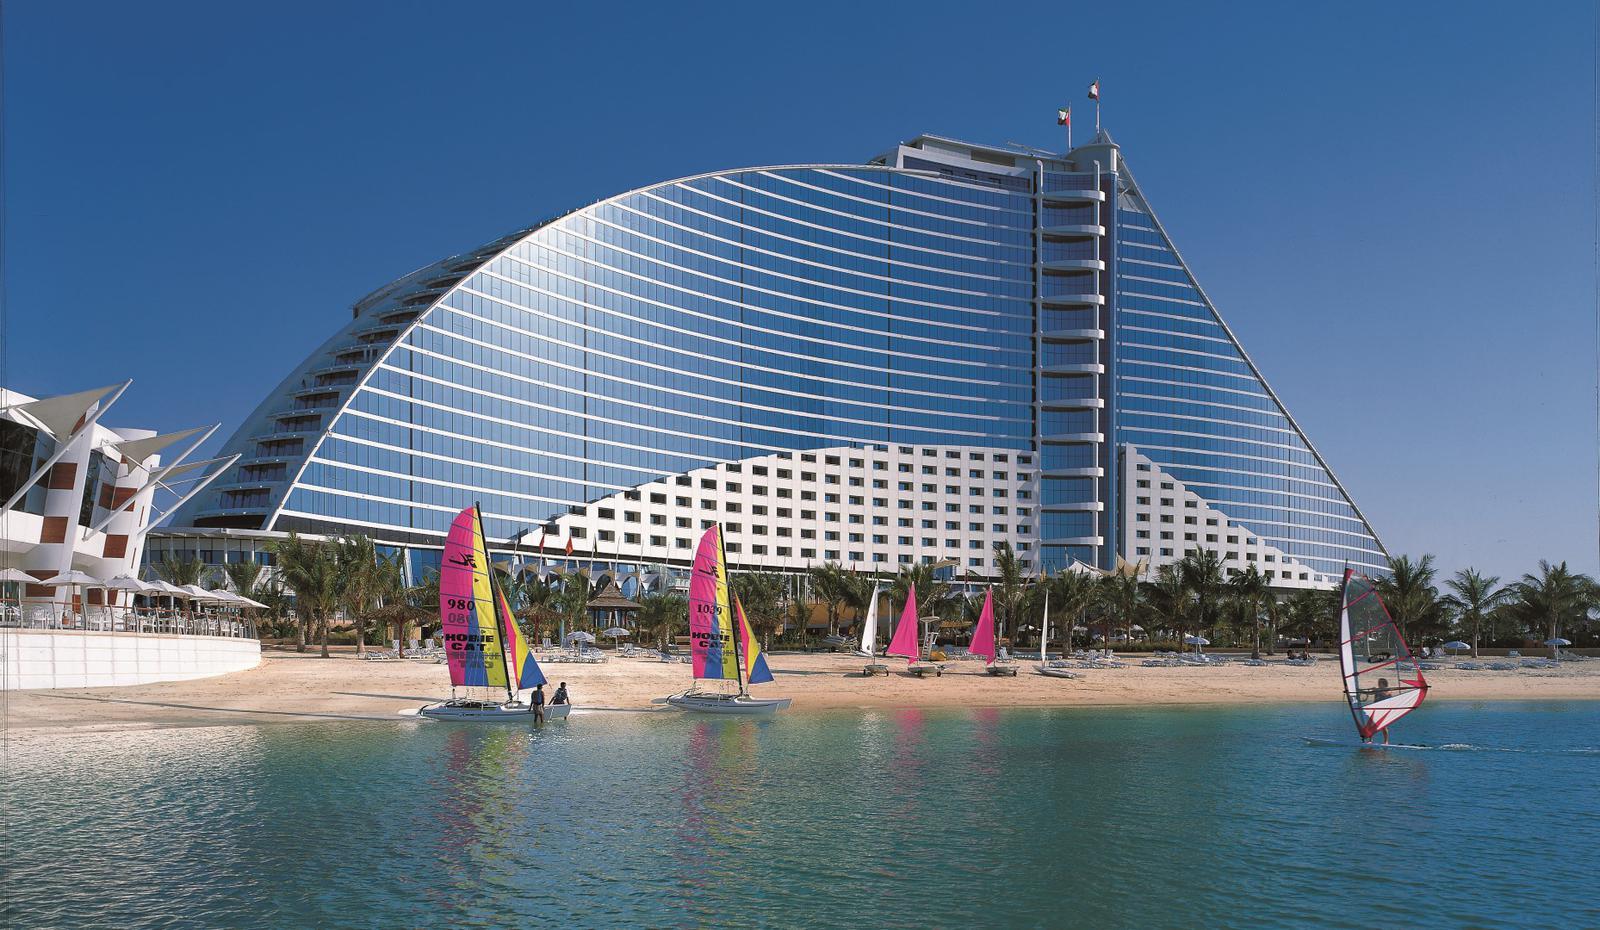 Hotel Jumeirah Beach en Dubái con vistas a la playa.